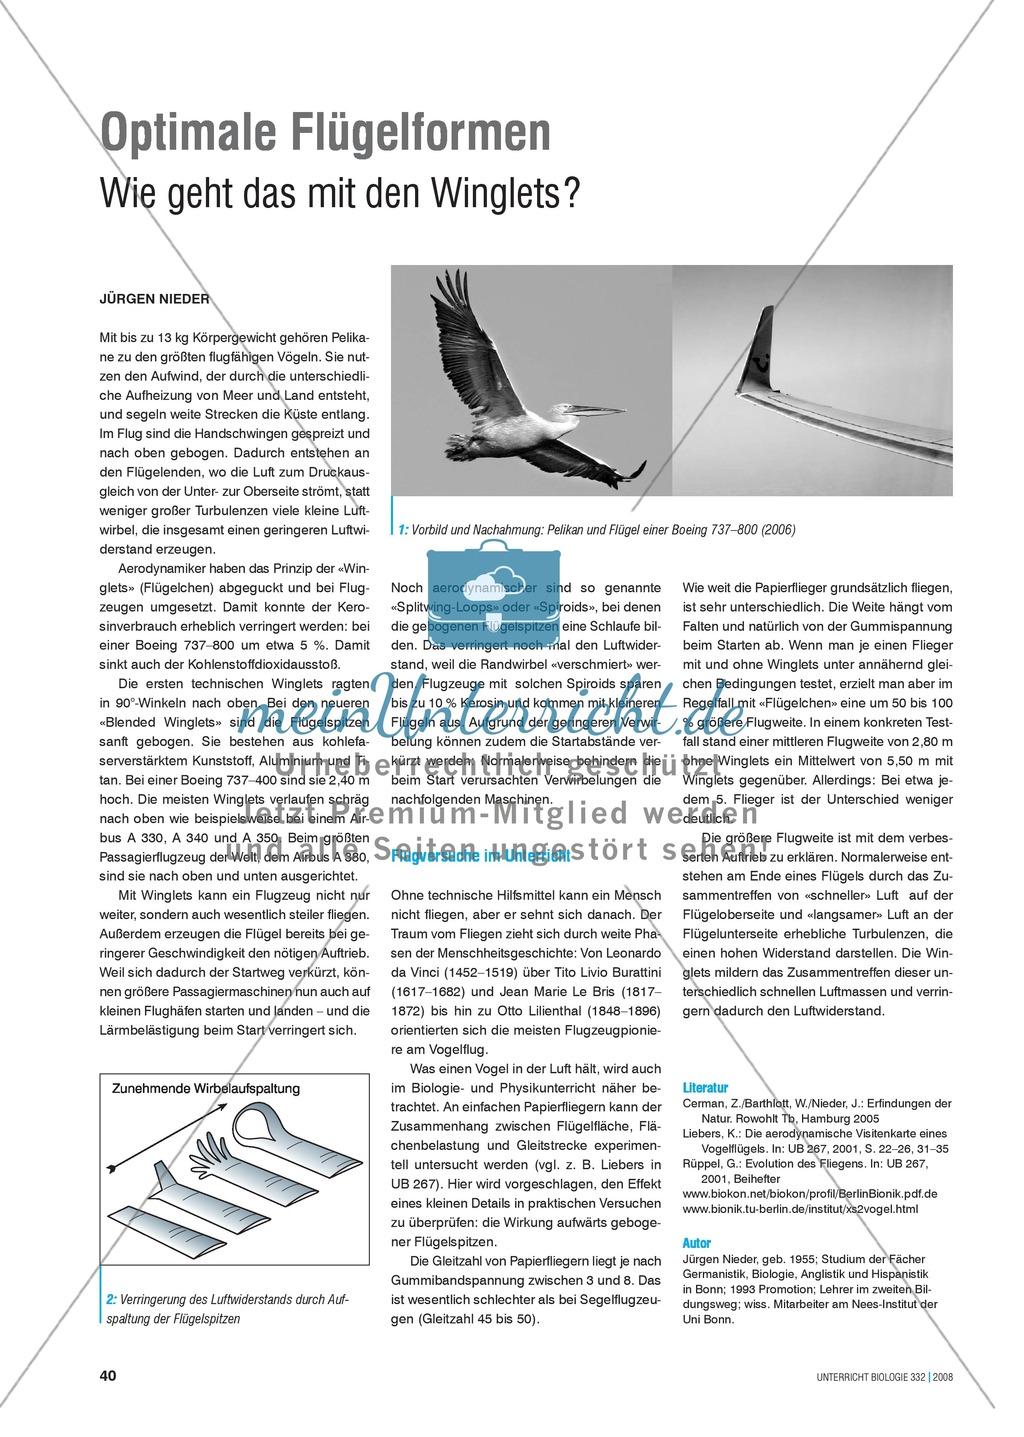 Bionik: Optimale Flügelformen - Wie geht das mit den Winglets? Info-Text und Aufgaben Preview 0